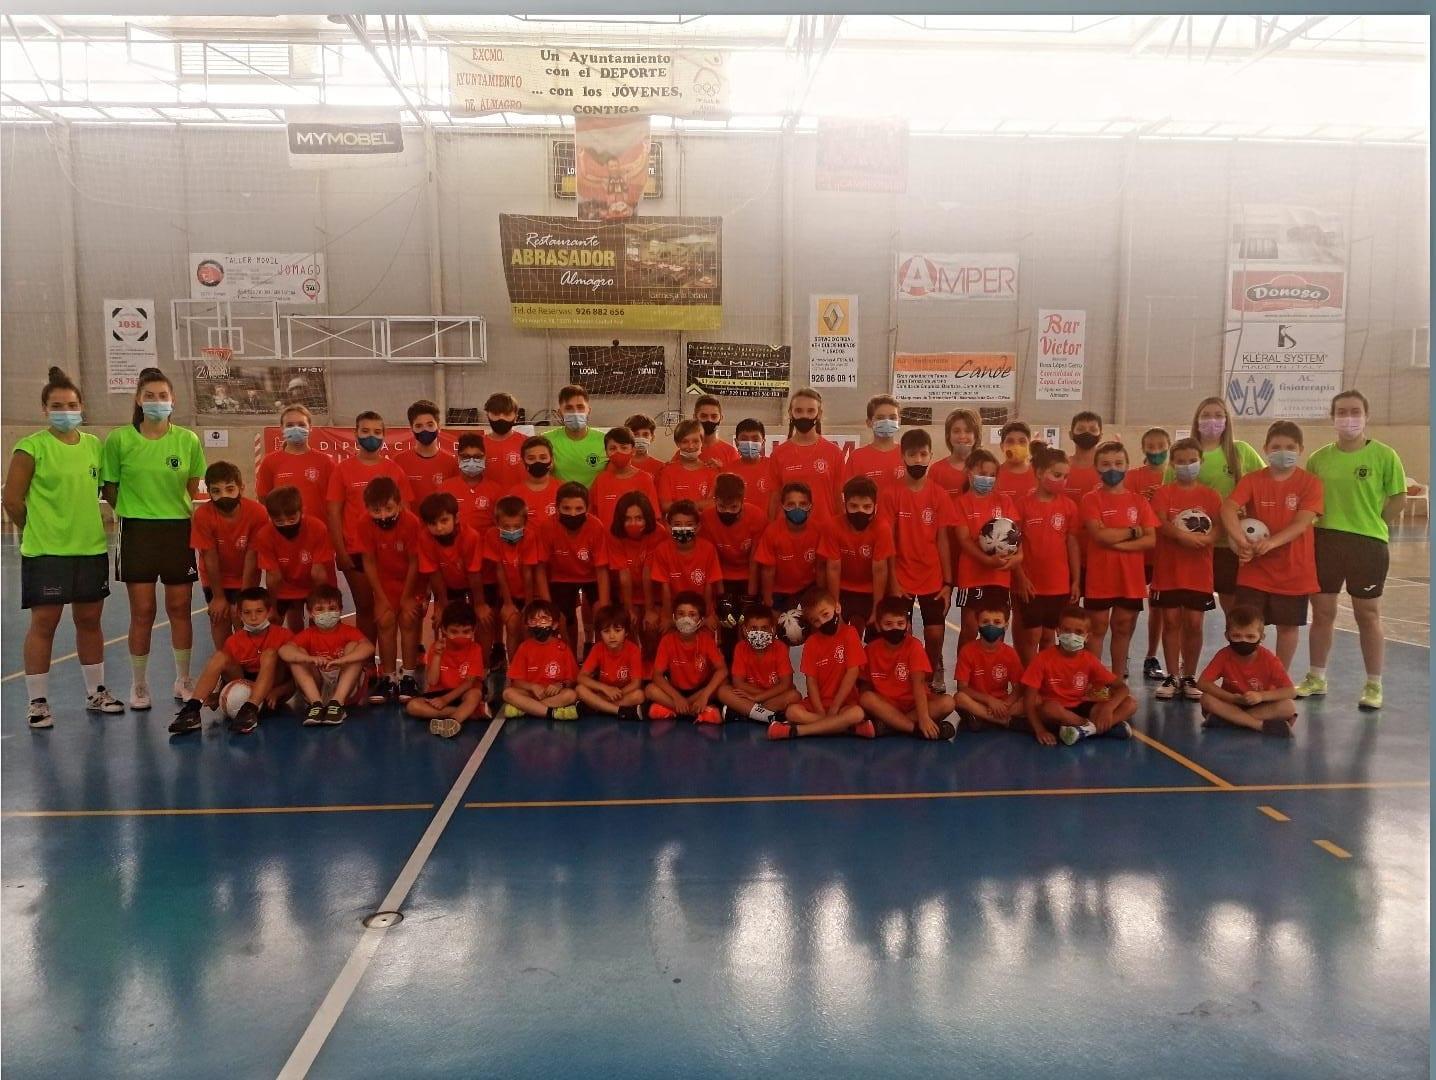 Los campus deportivos se suceden cada semana en Almagro